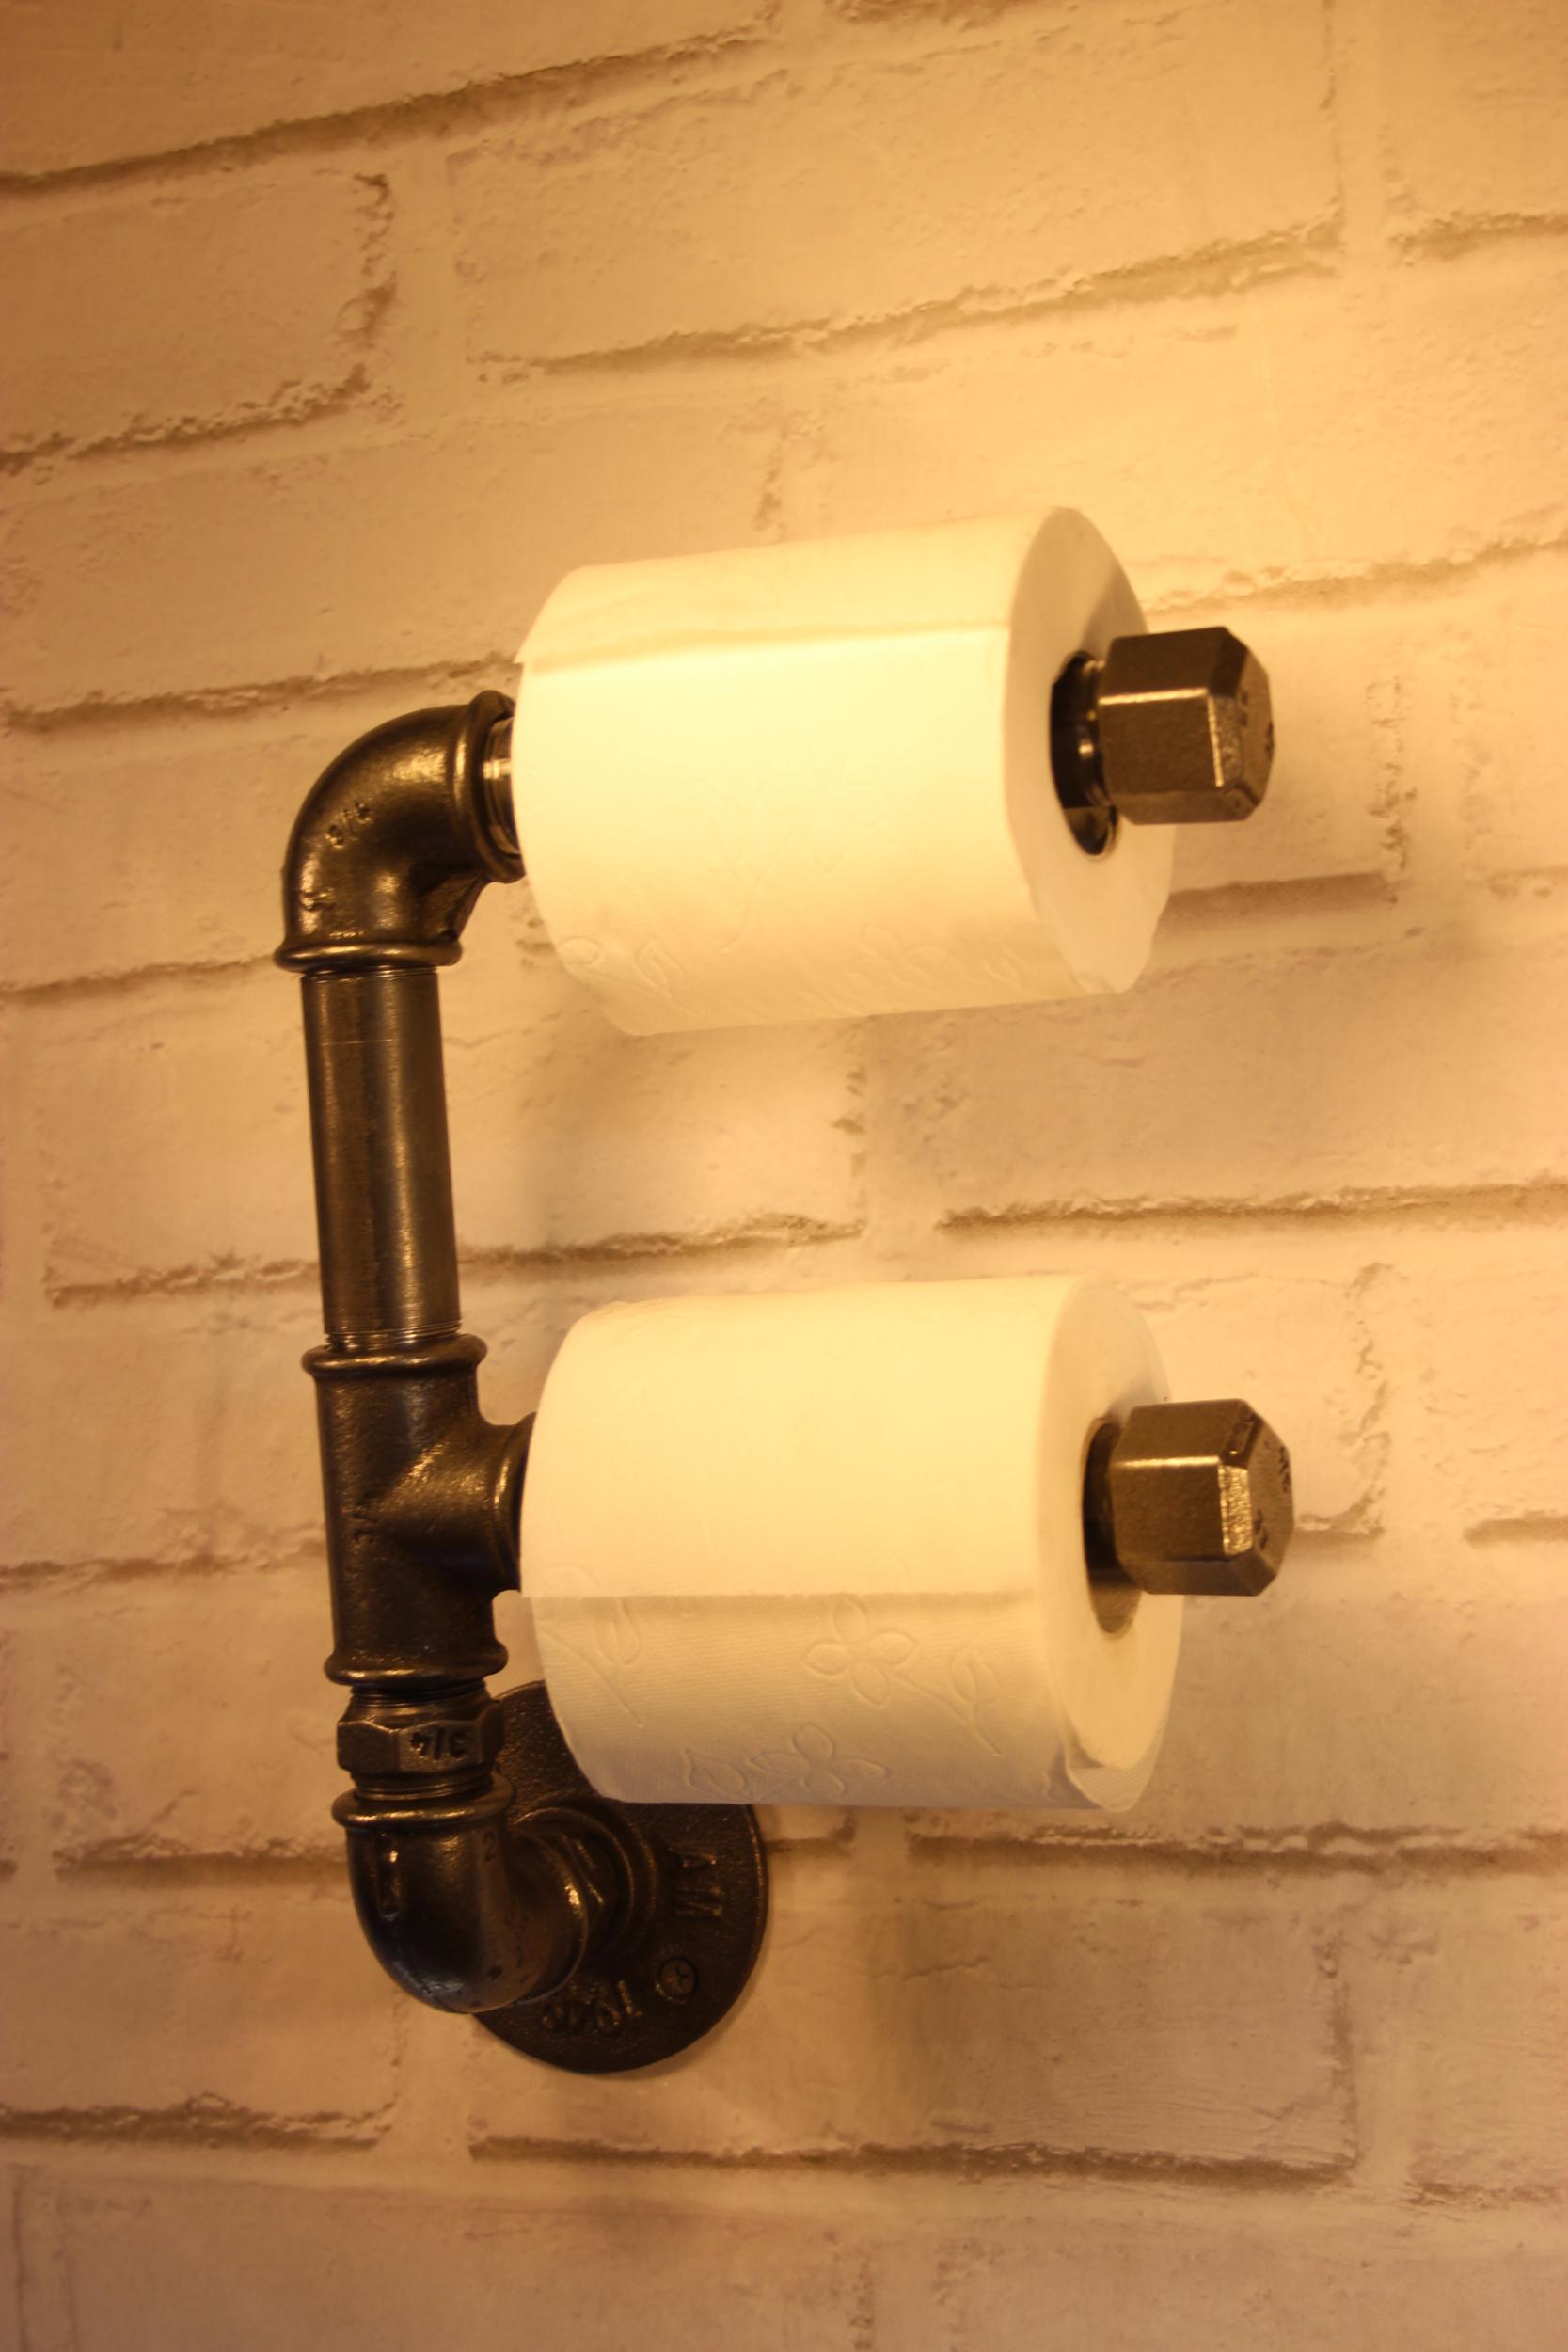 Dérouleur Papier Wc Metal dérouleur papier toilette double superposé